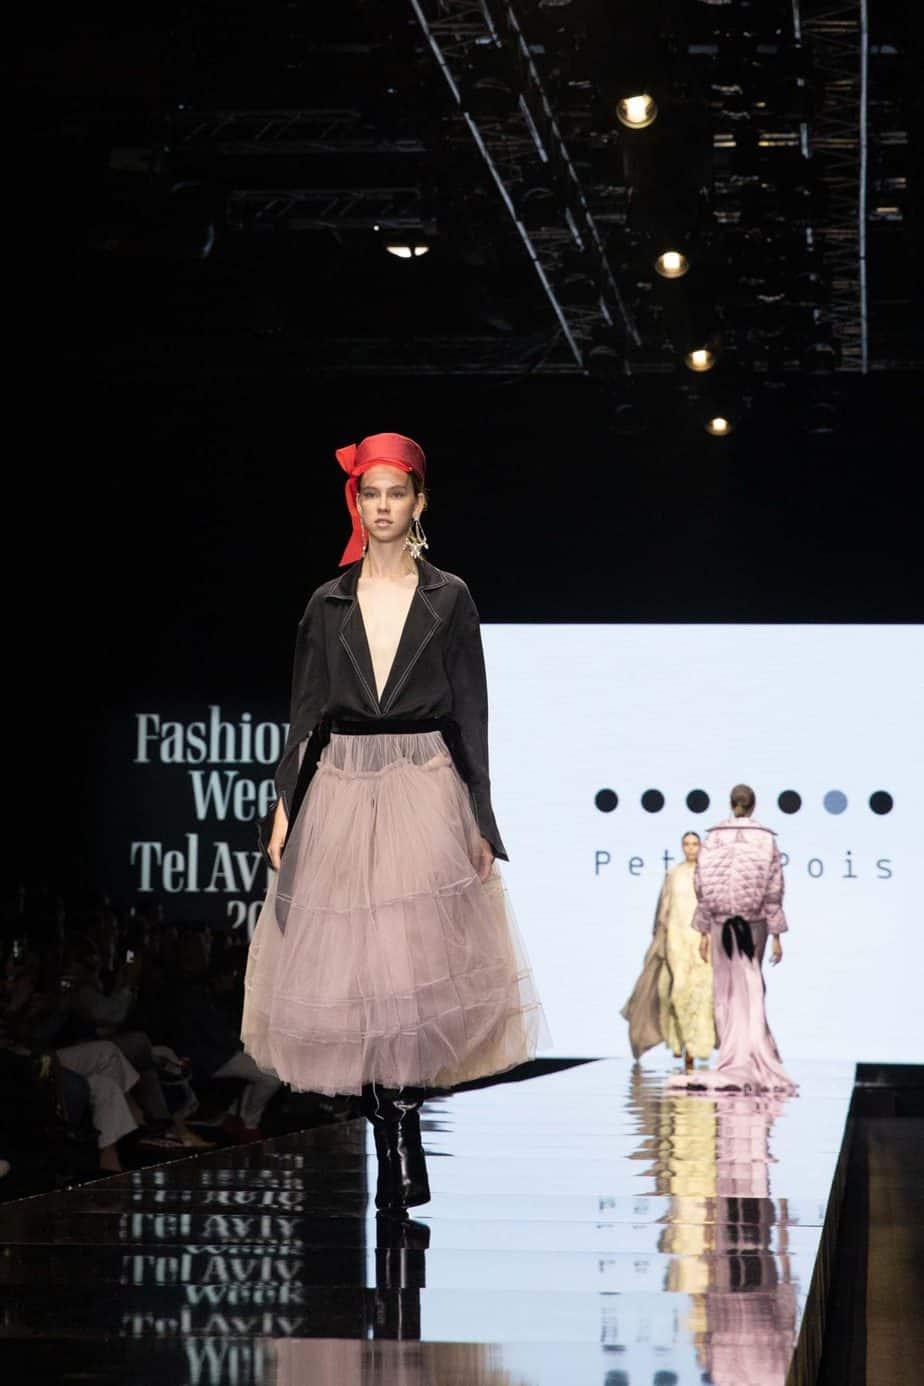 חממת מפעל הפיס. שבוע האופנה תל אביב 2019. צילום עומר קפלן - 16